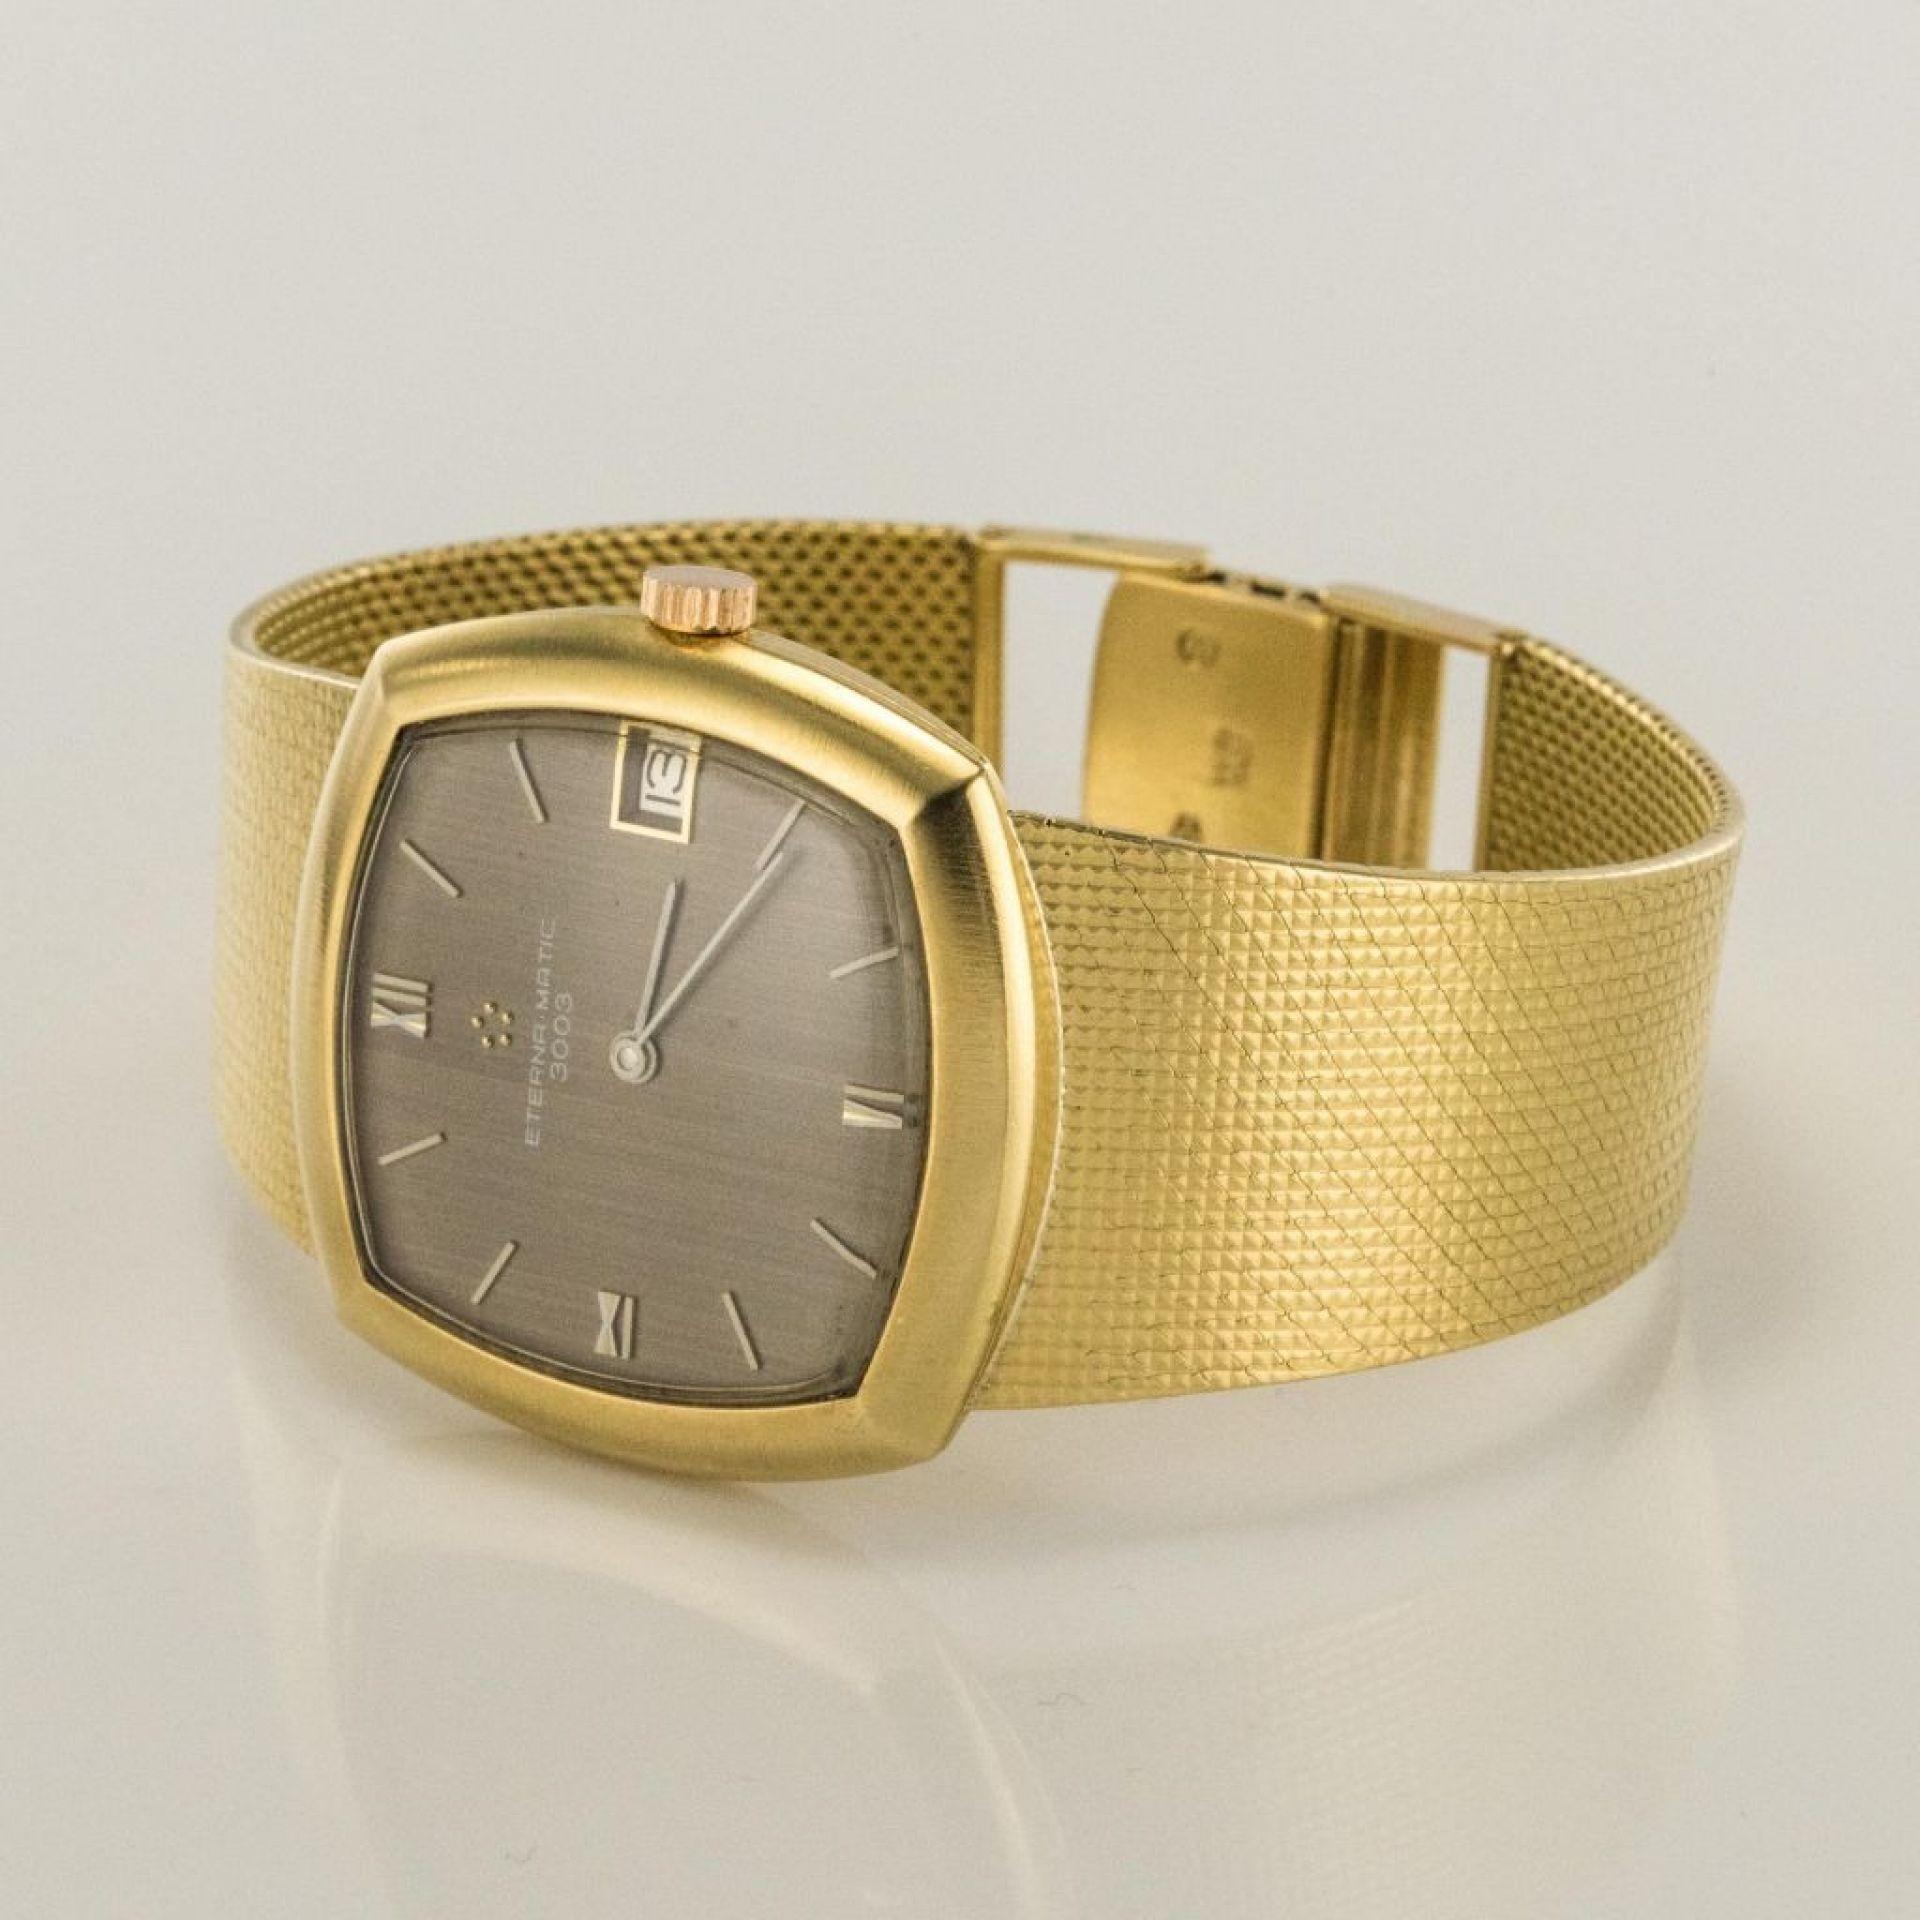 Eterna Matic 3000 Gold Watch